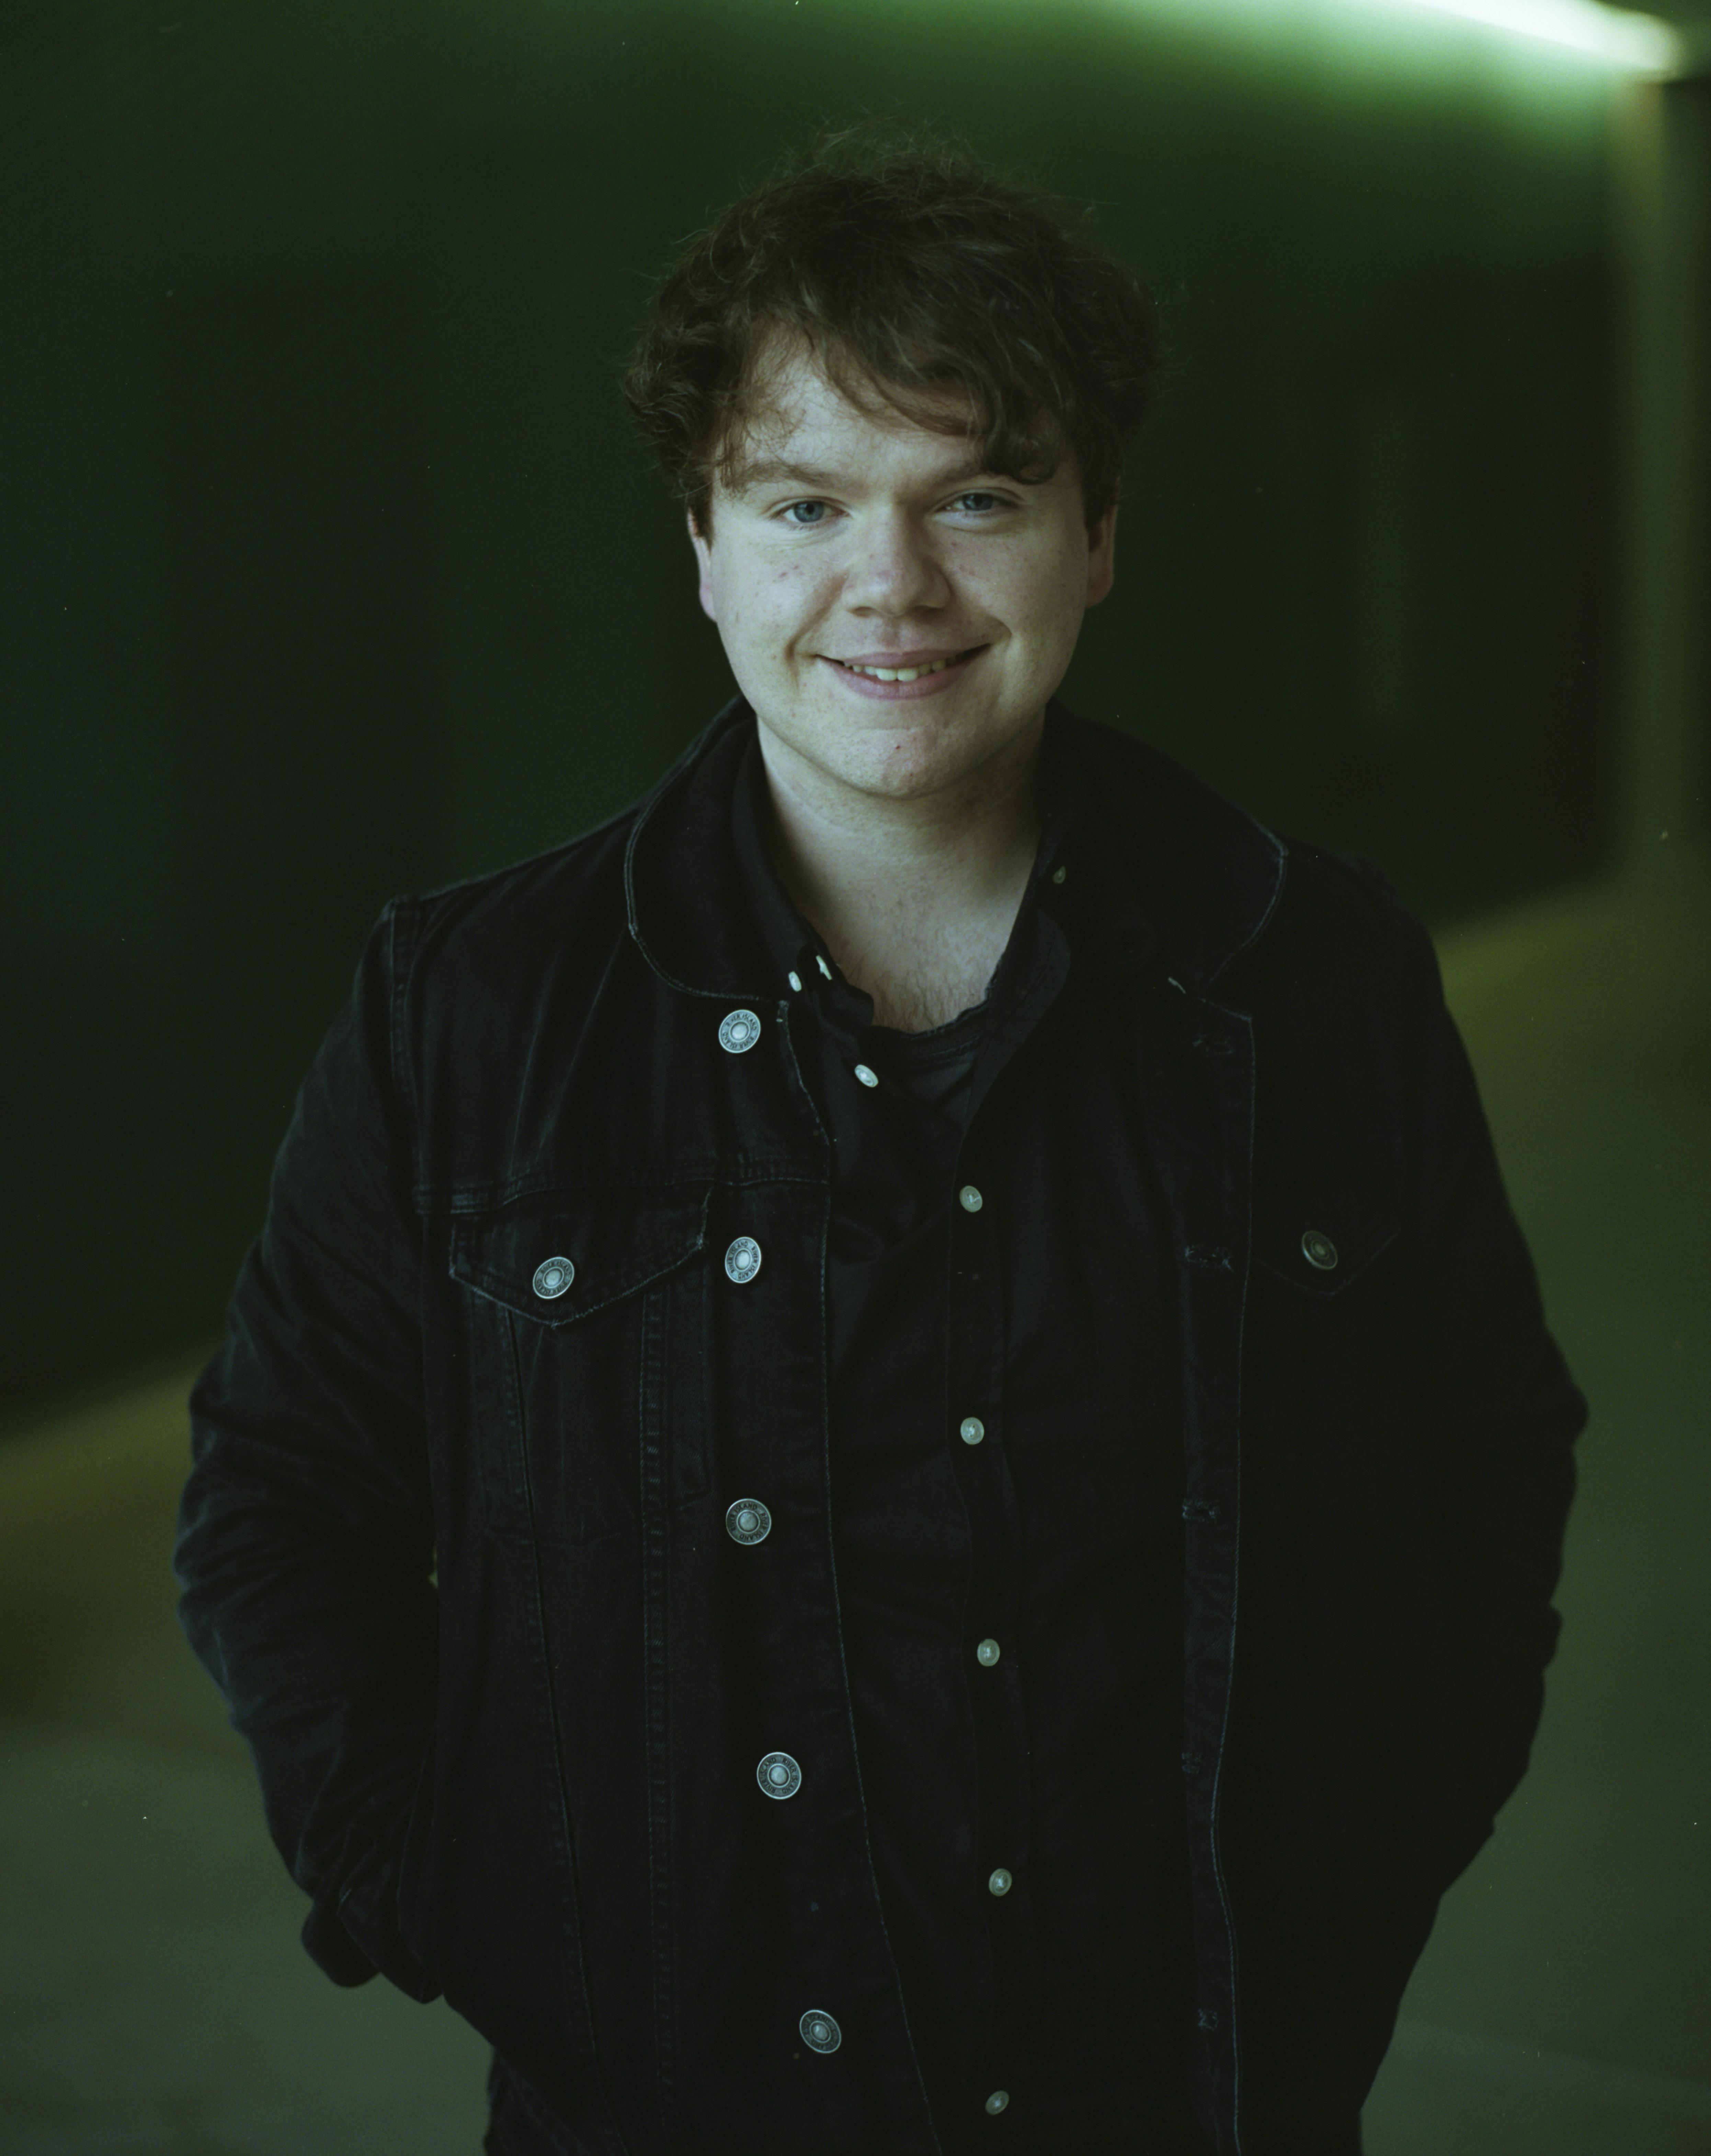 Brendan McCallion